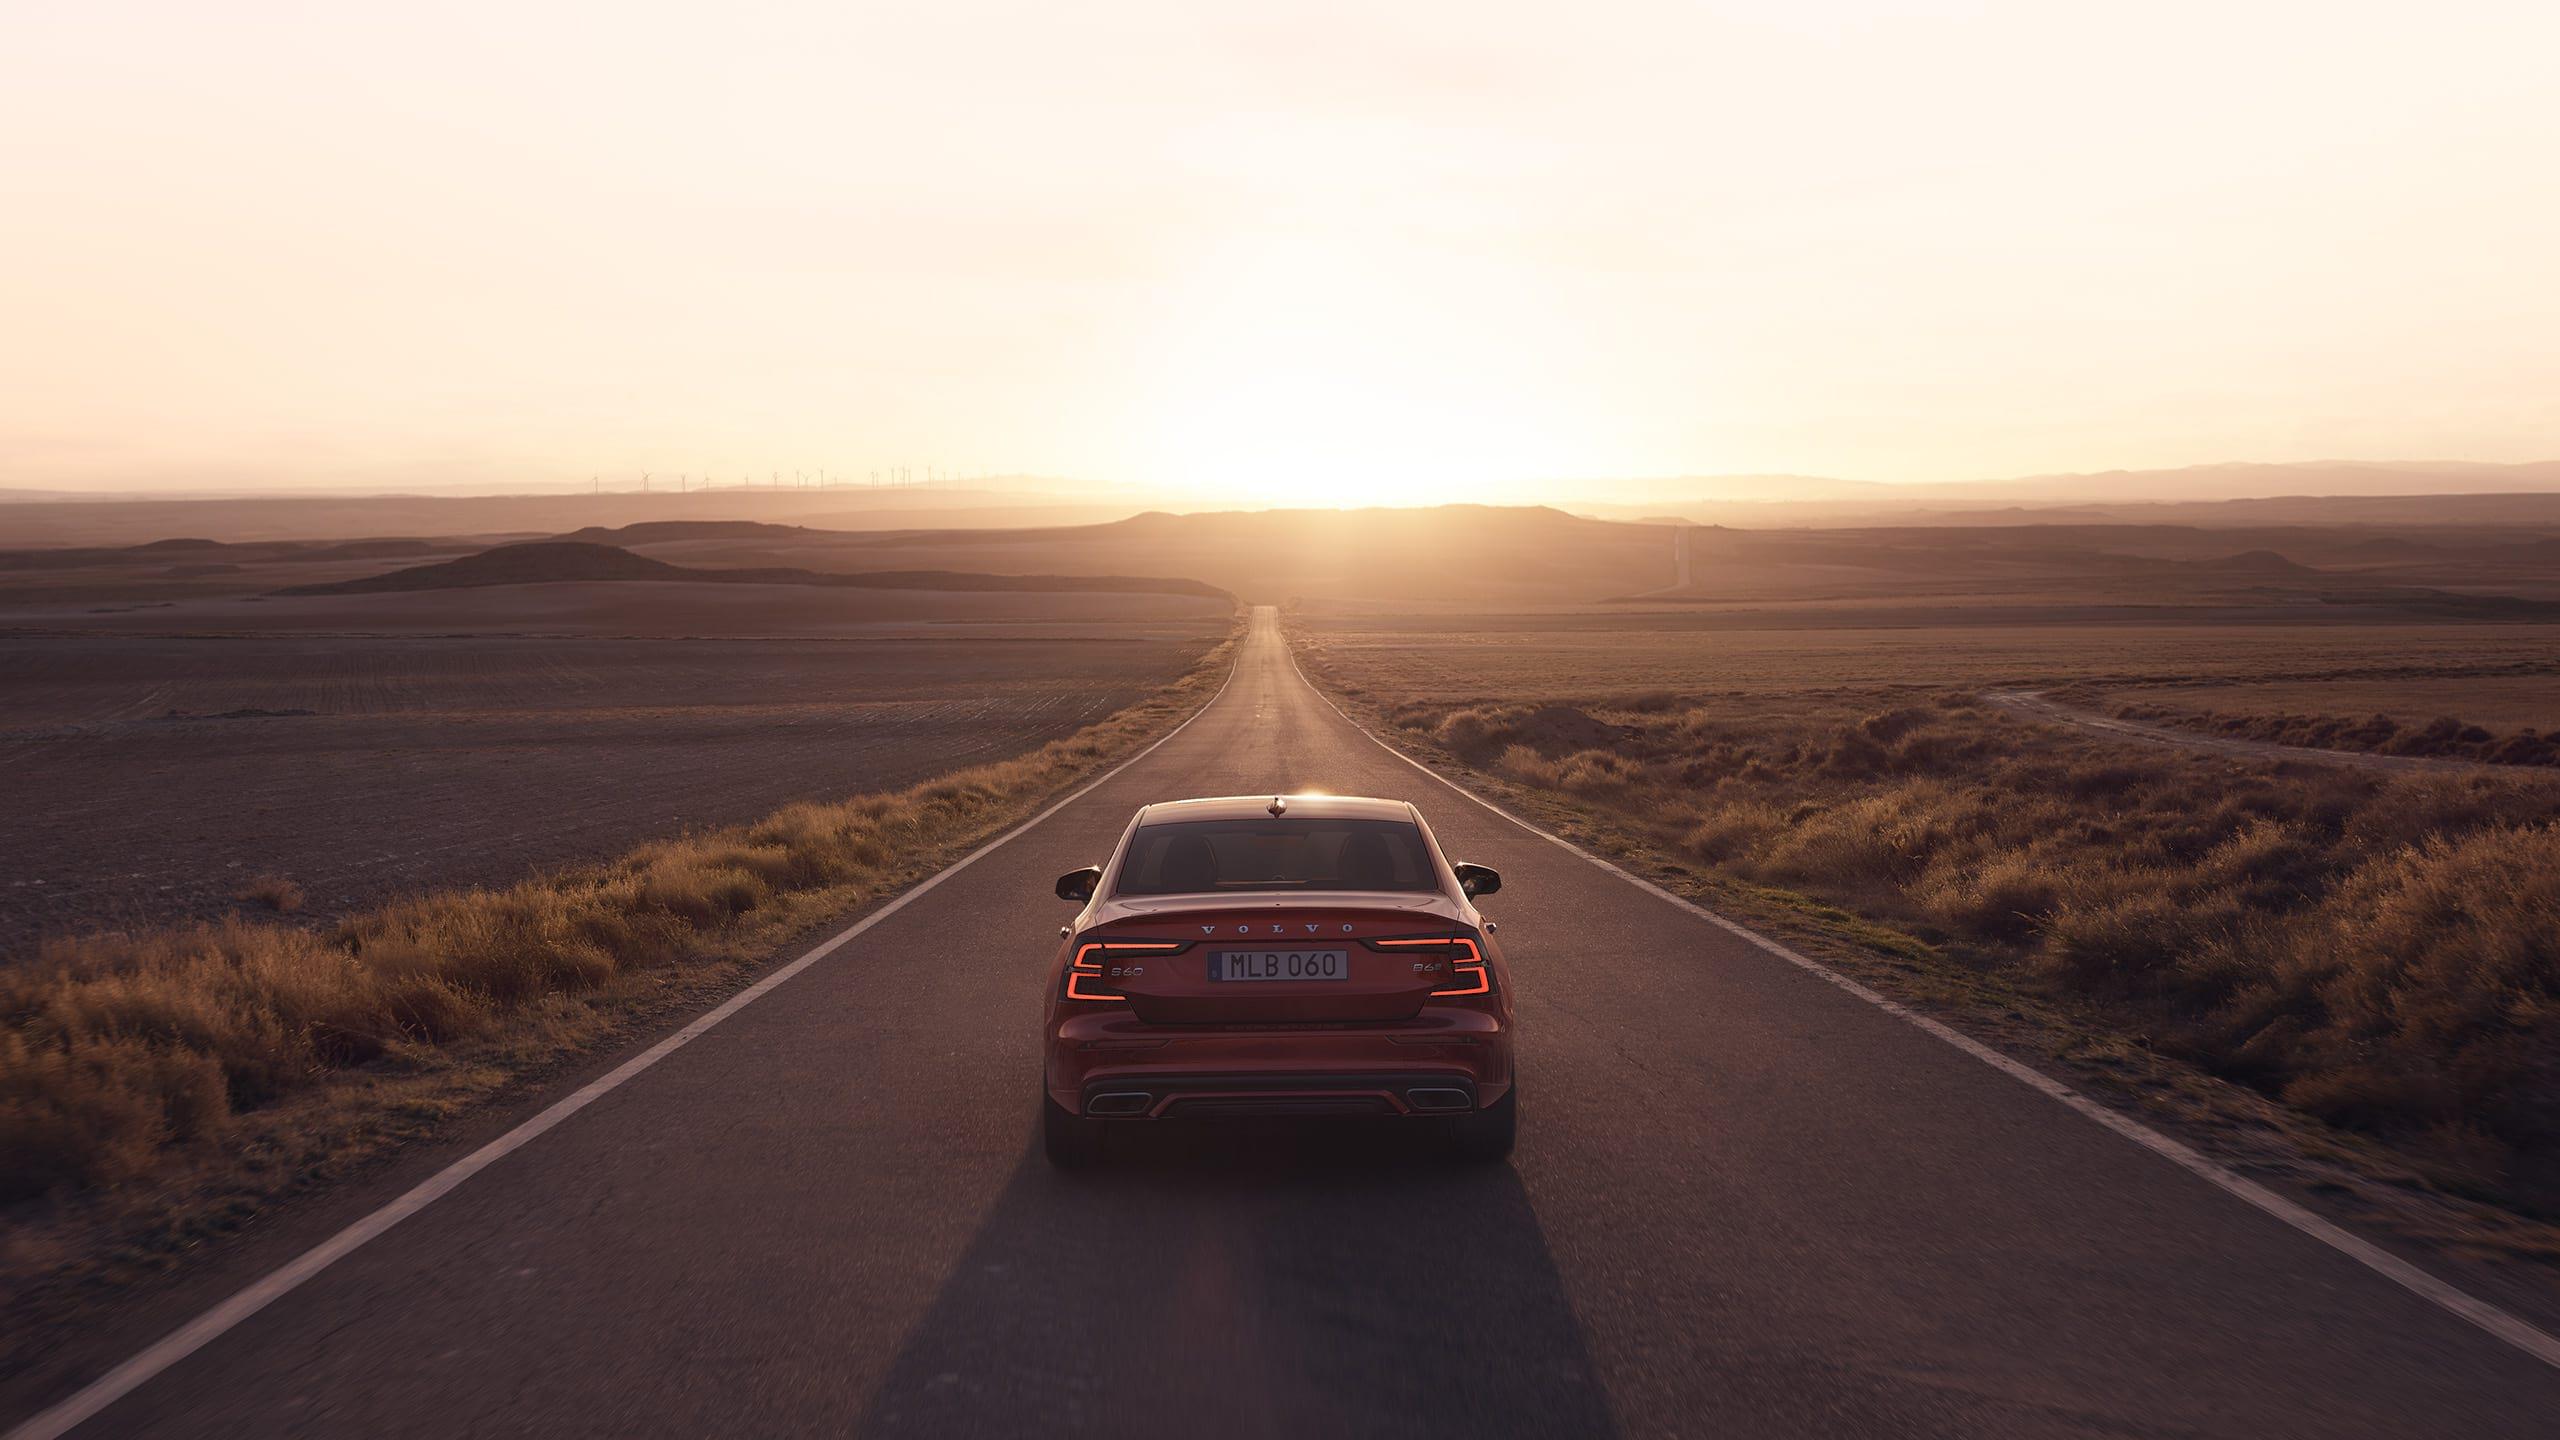 红色沃尔沃 S60 行驶在日落时分的道路上。